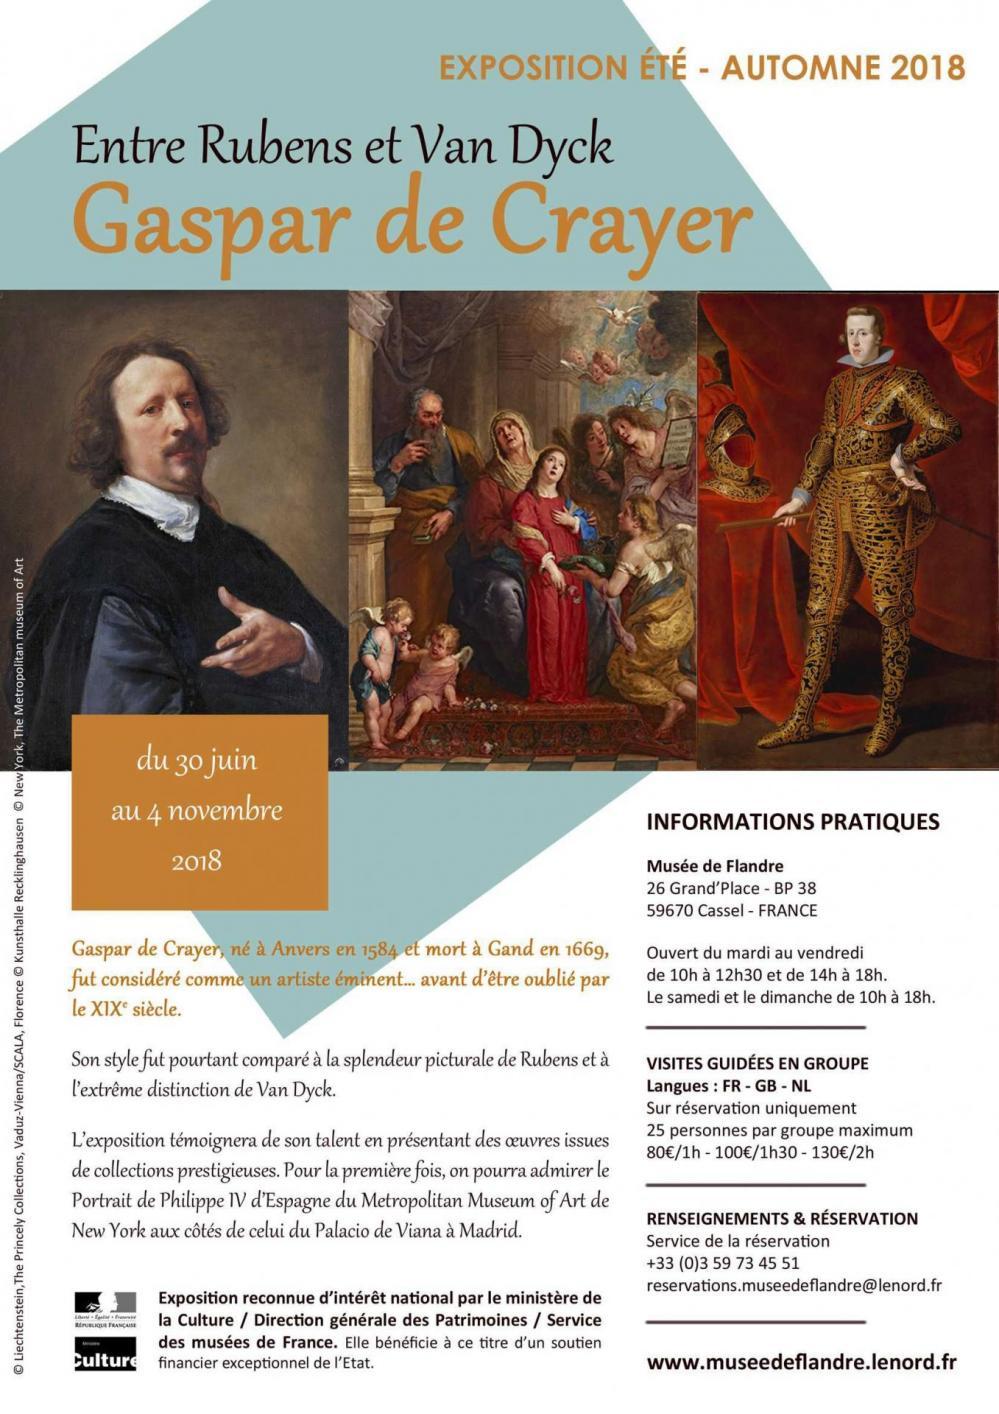 Gaspar de crayer 02